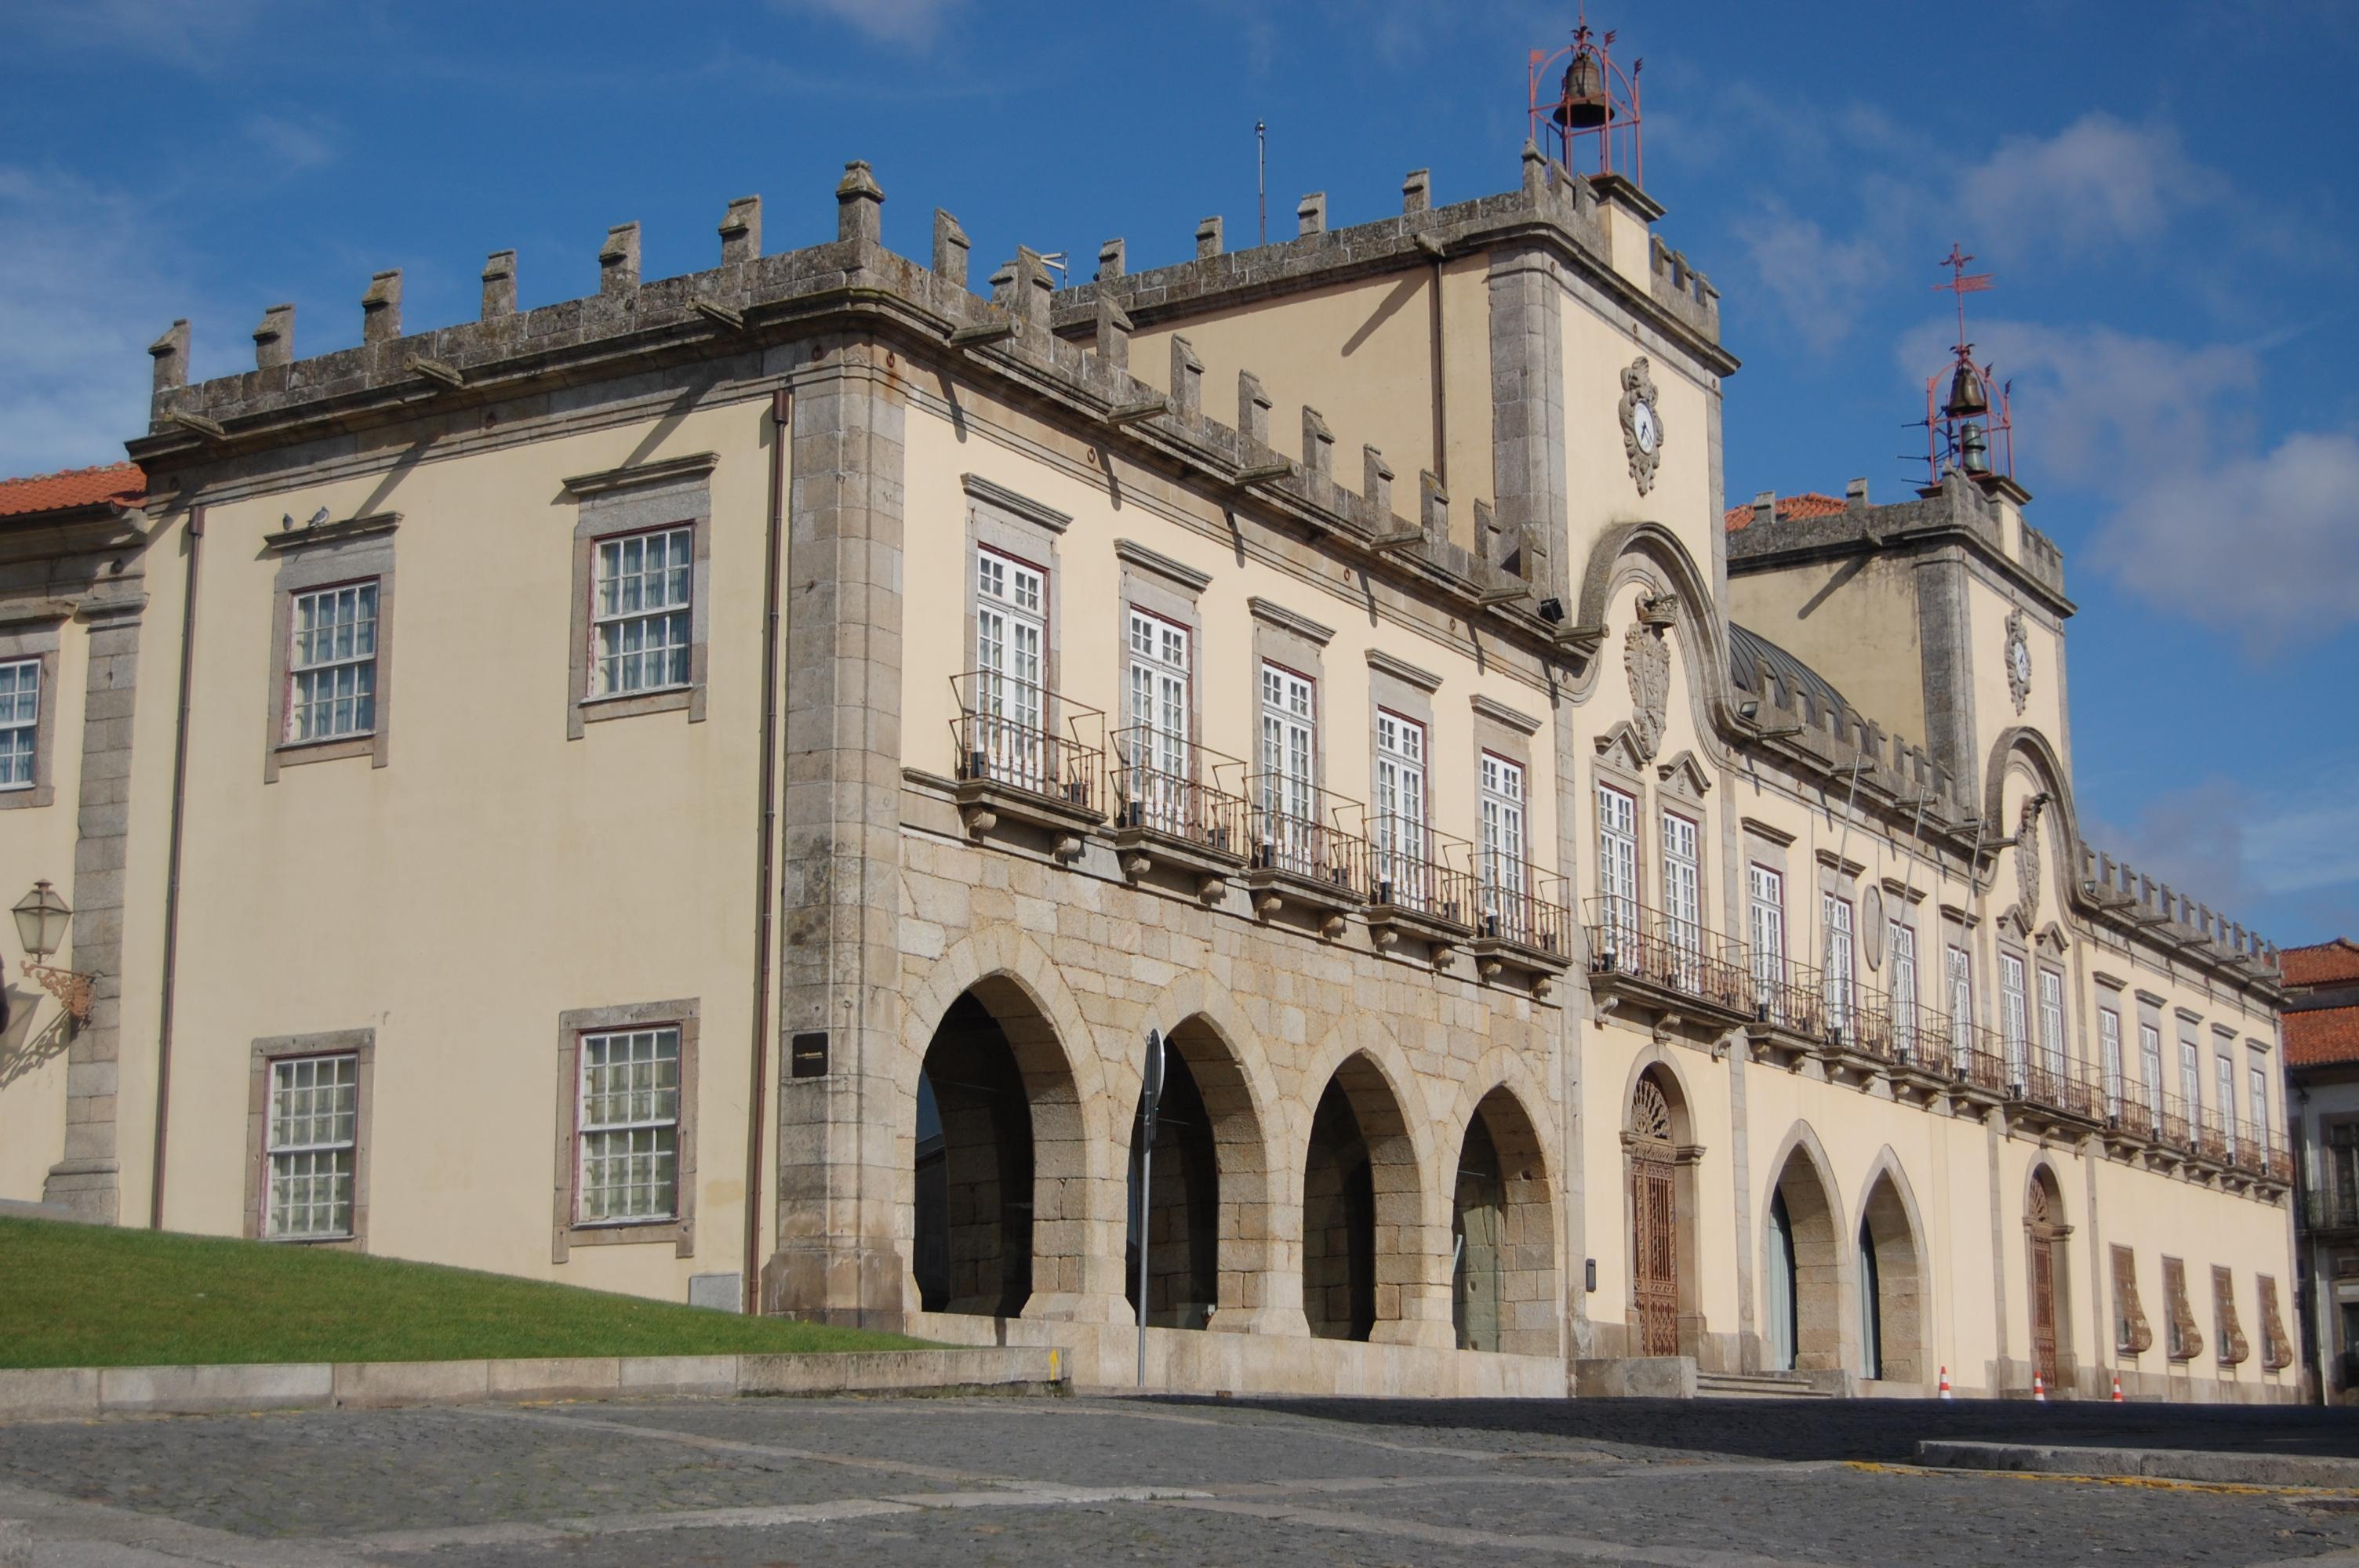 Câmara Municipal encerra ao público equipamentos e serviços a partir de 12 de março